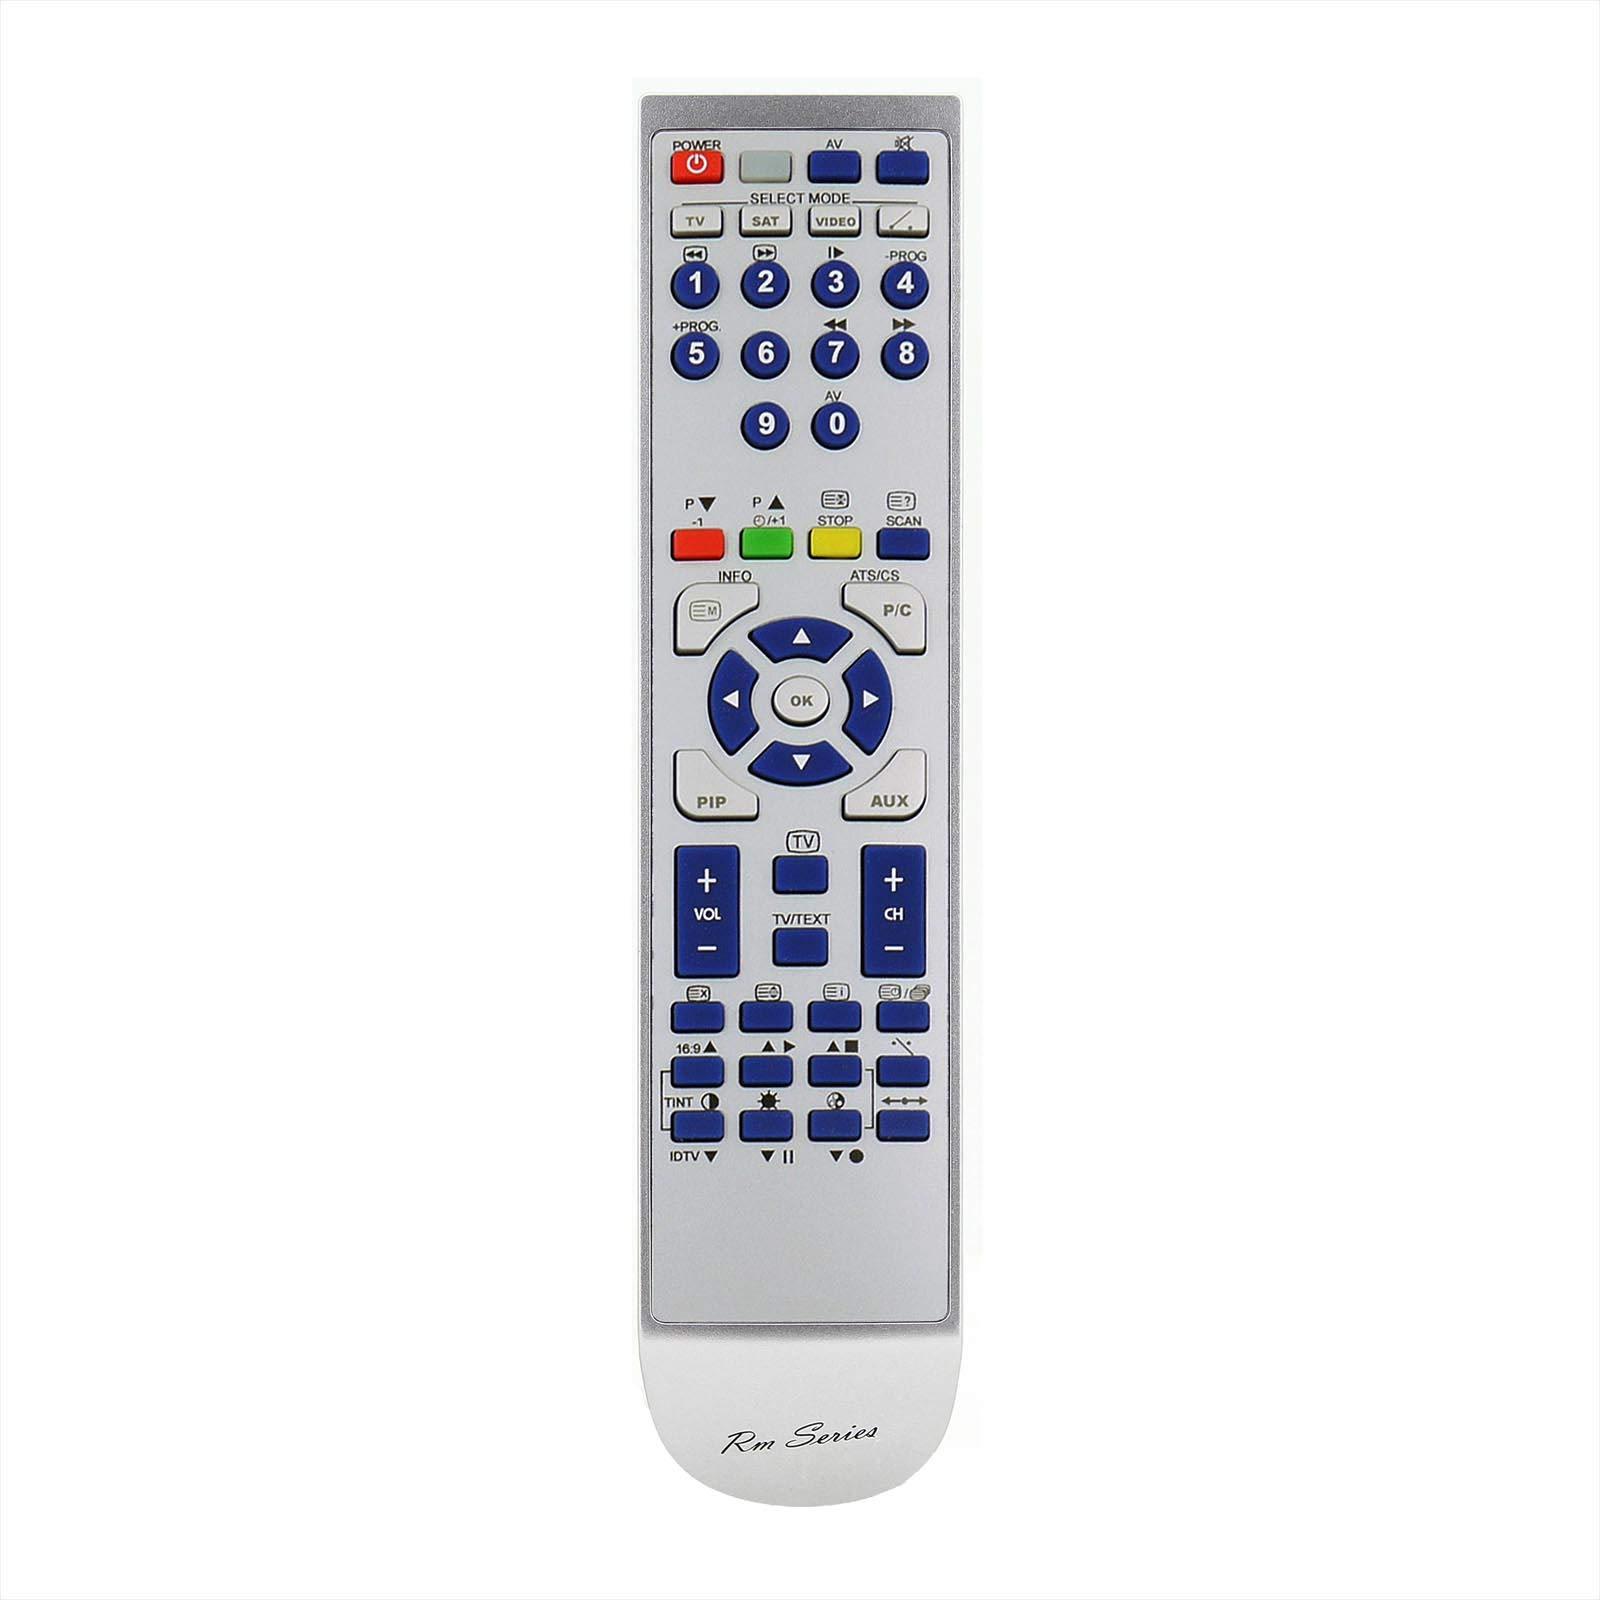 RM-Series mando a distancia para GRUNDIG MIAMI: Amazon.es: Electrónica